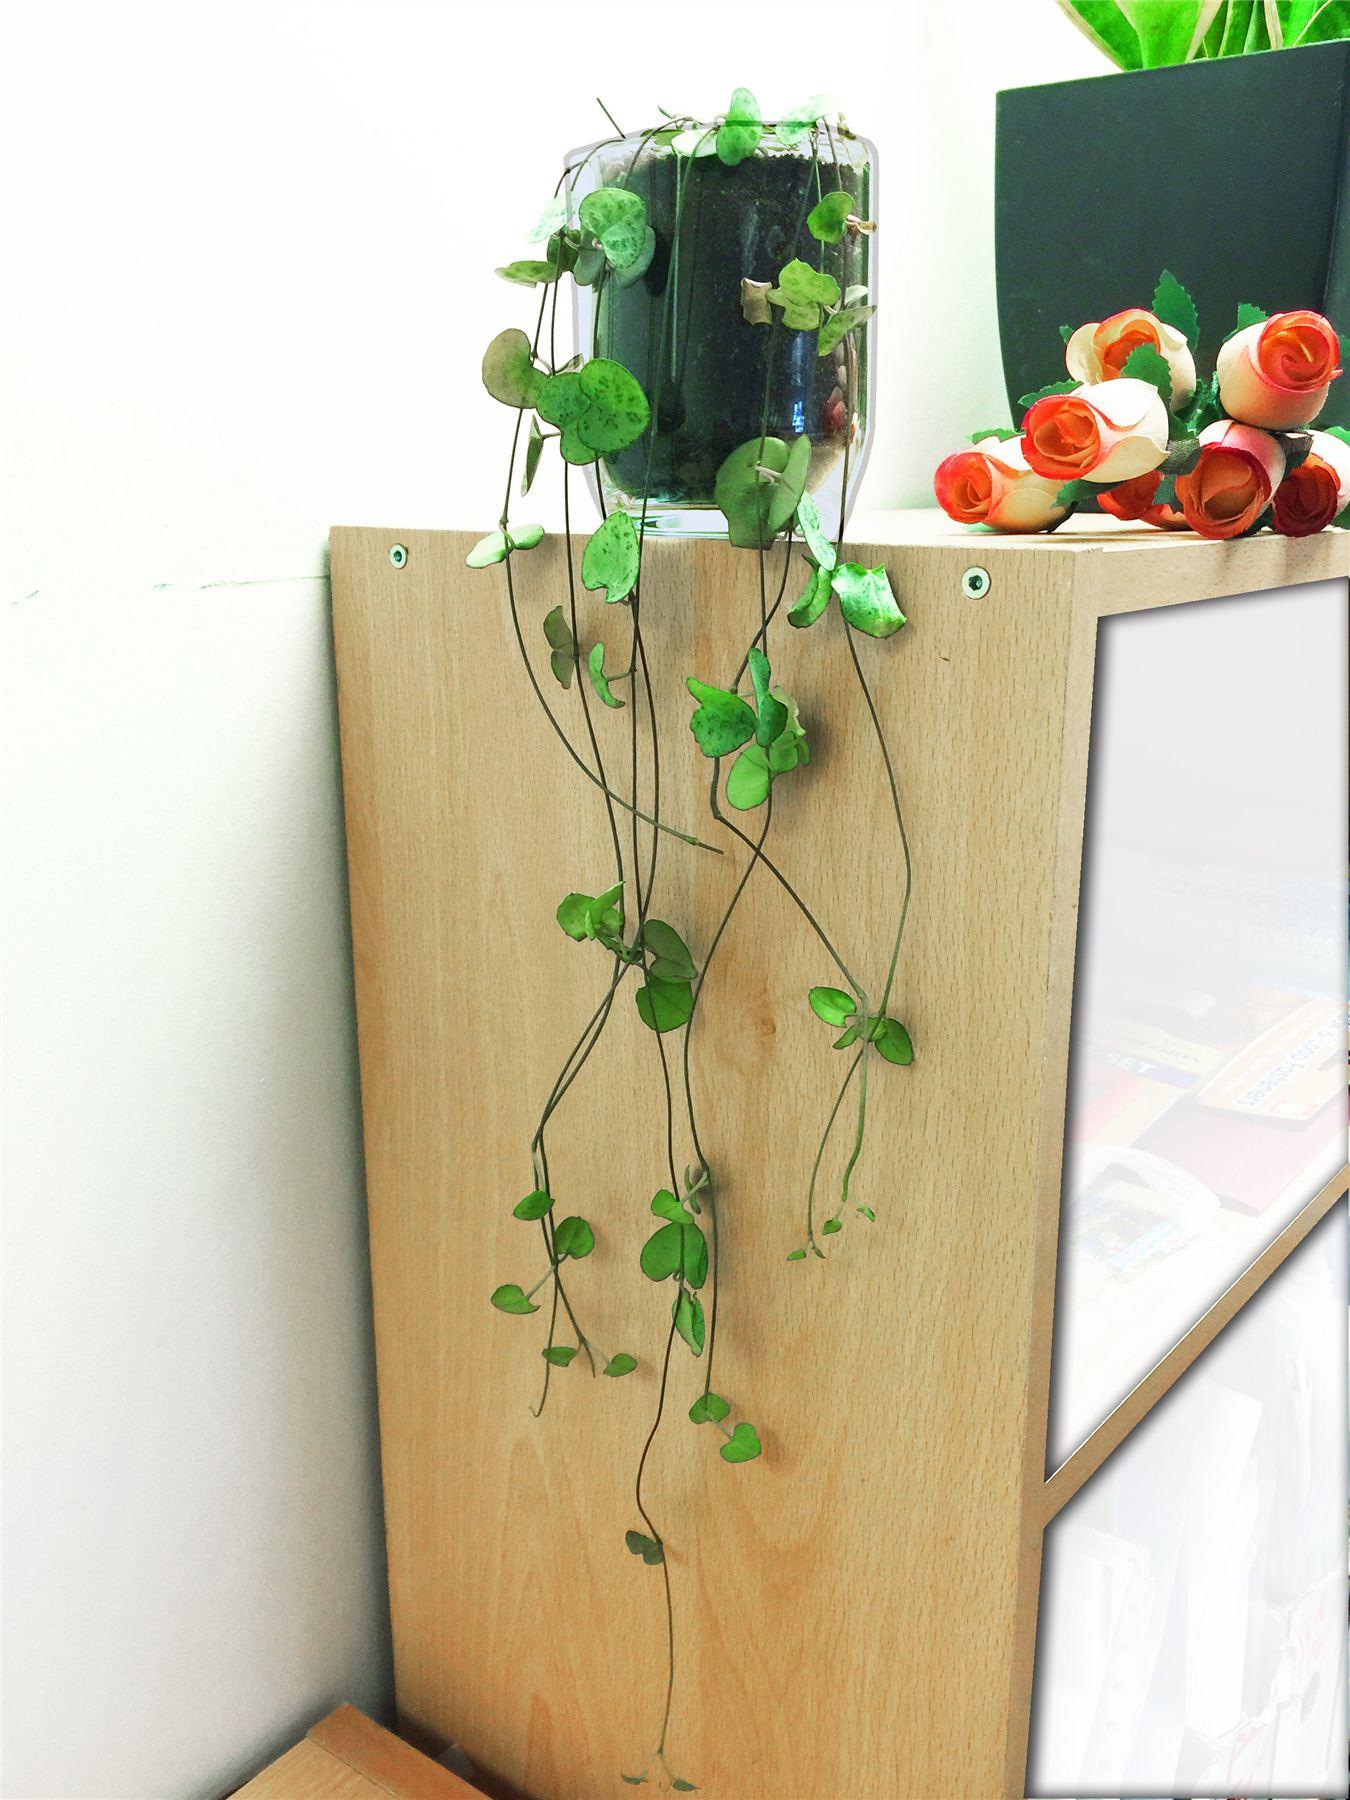 Chaine De Coeurs Succulente Cactus Plante D Interieur En Verre Pvc